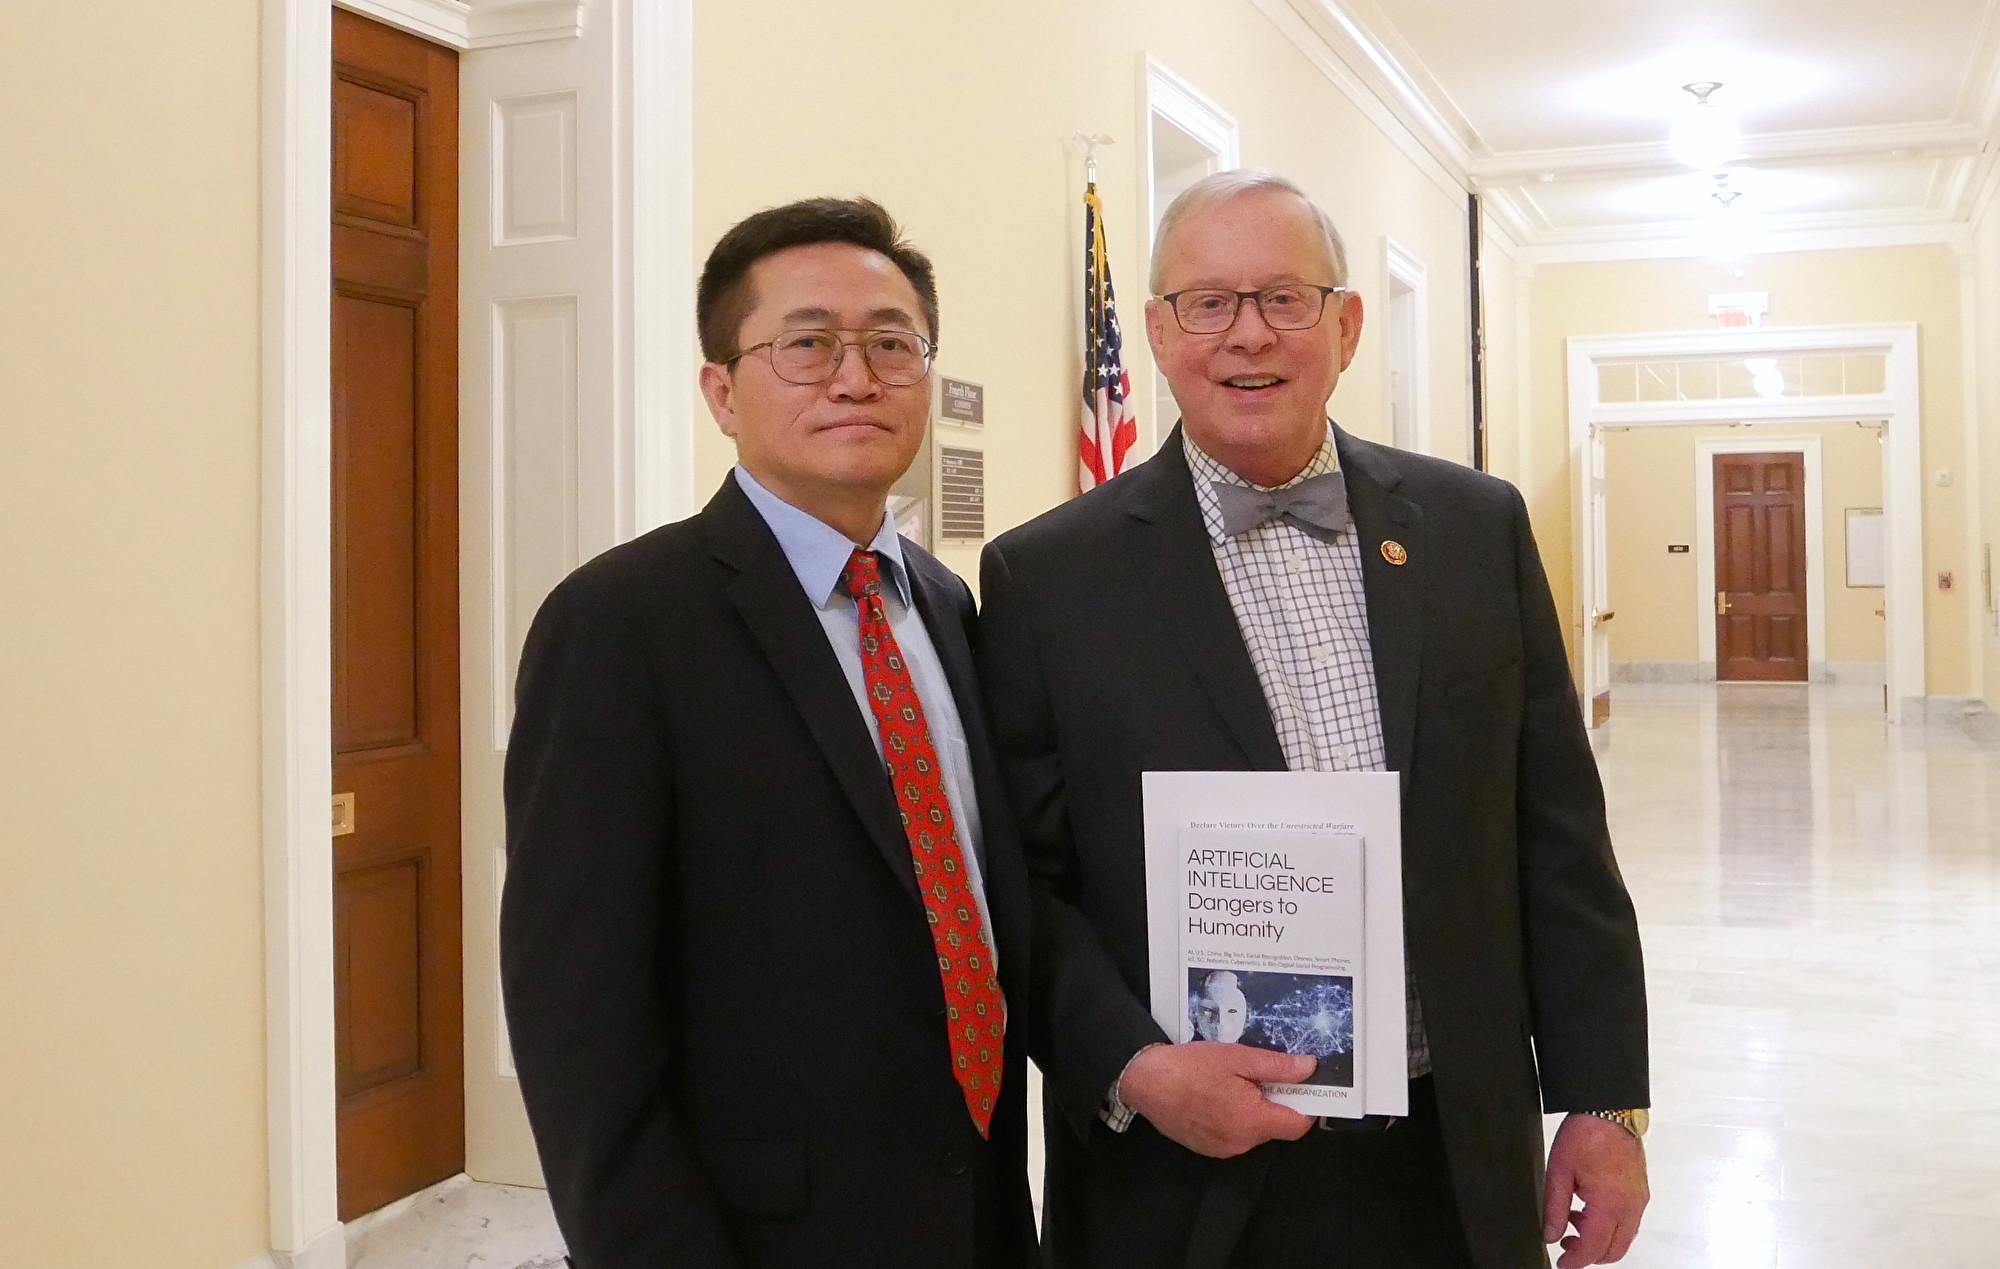 國會議員羅恩·萊特(Ron Wright)(右)(李辰/大紀元)